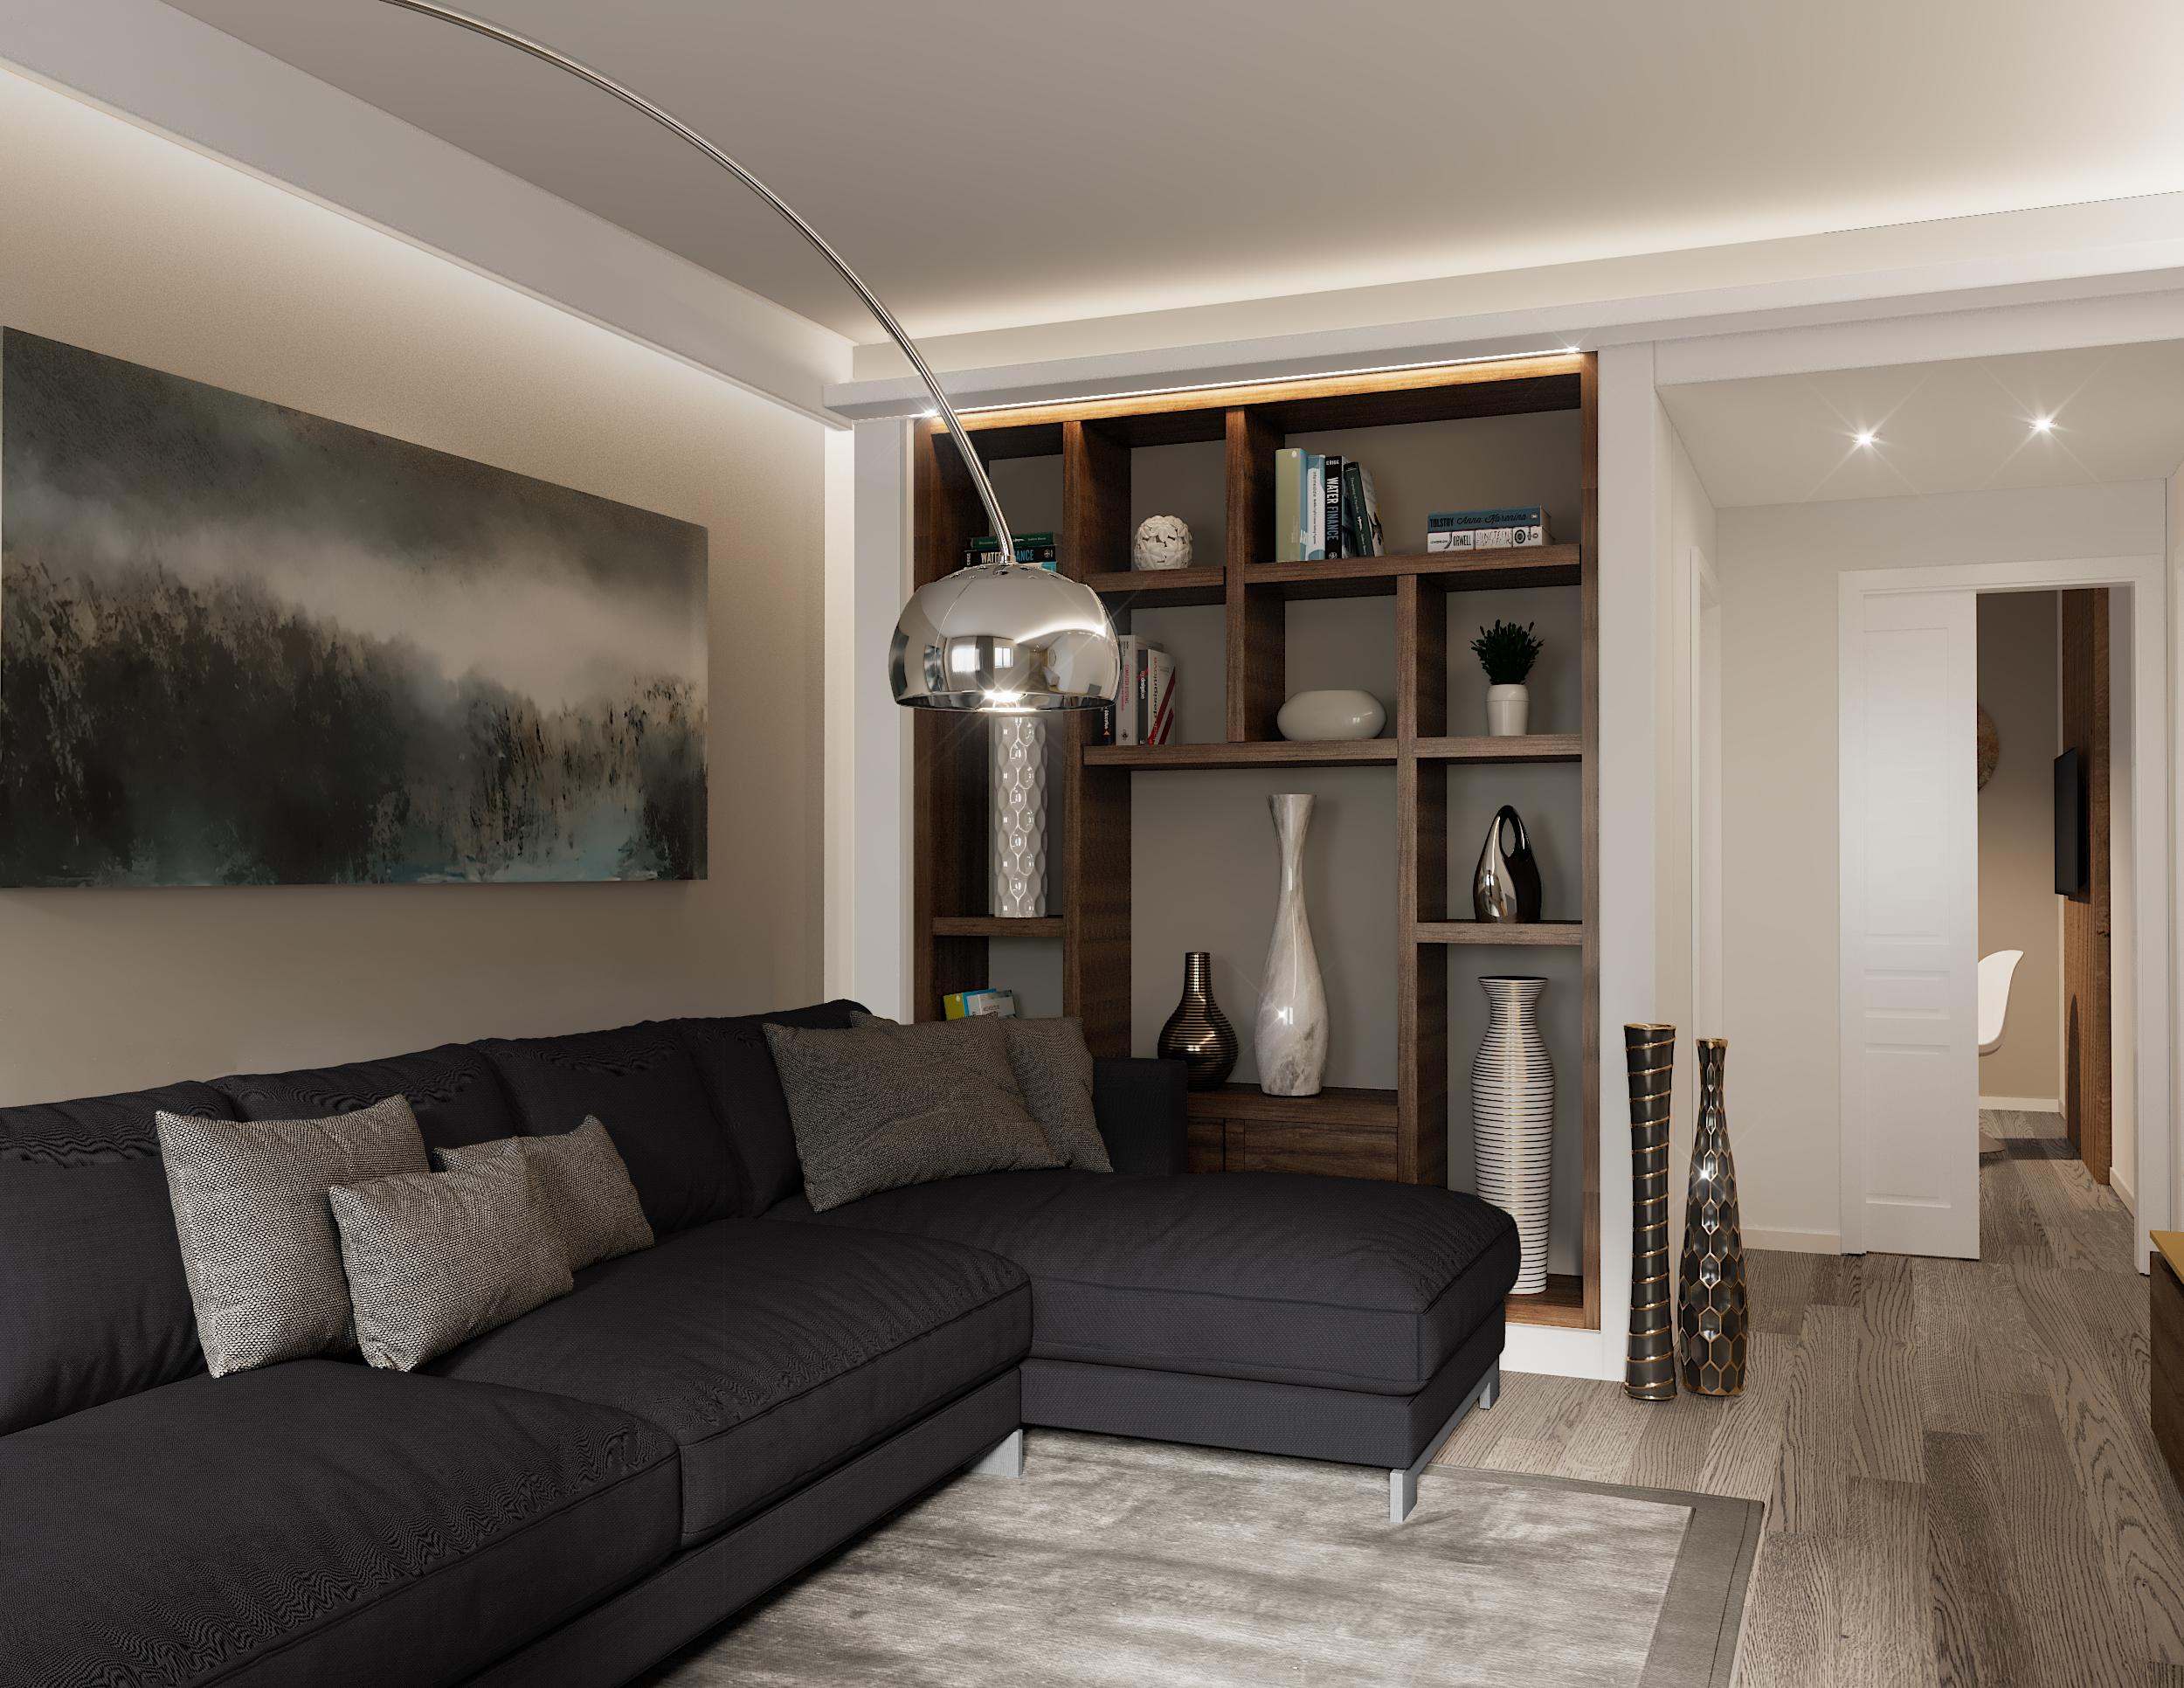 Idee Per Rifinire Casa.Pilastro A Centro Stanza Piu Di 40 Modi Per Nasconderlo Con Stile